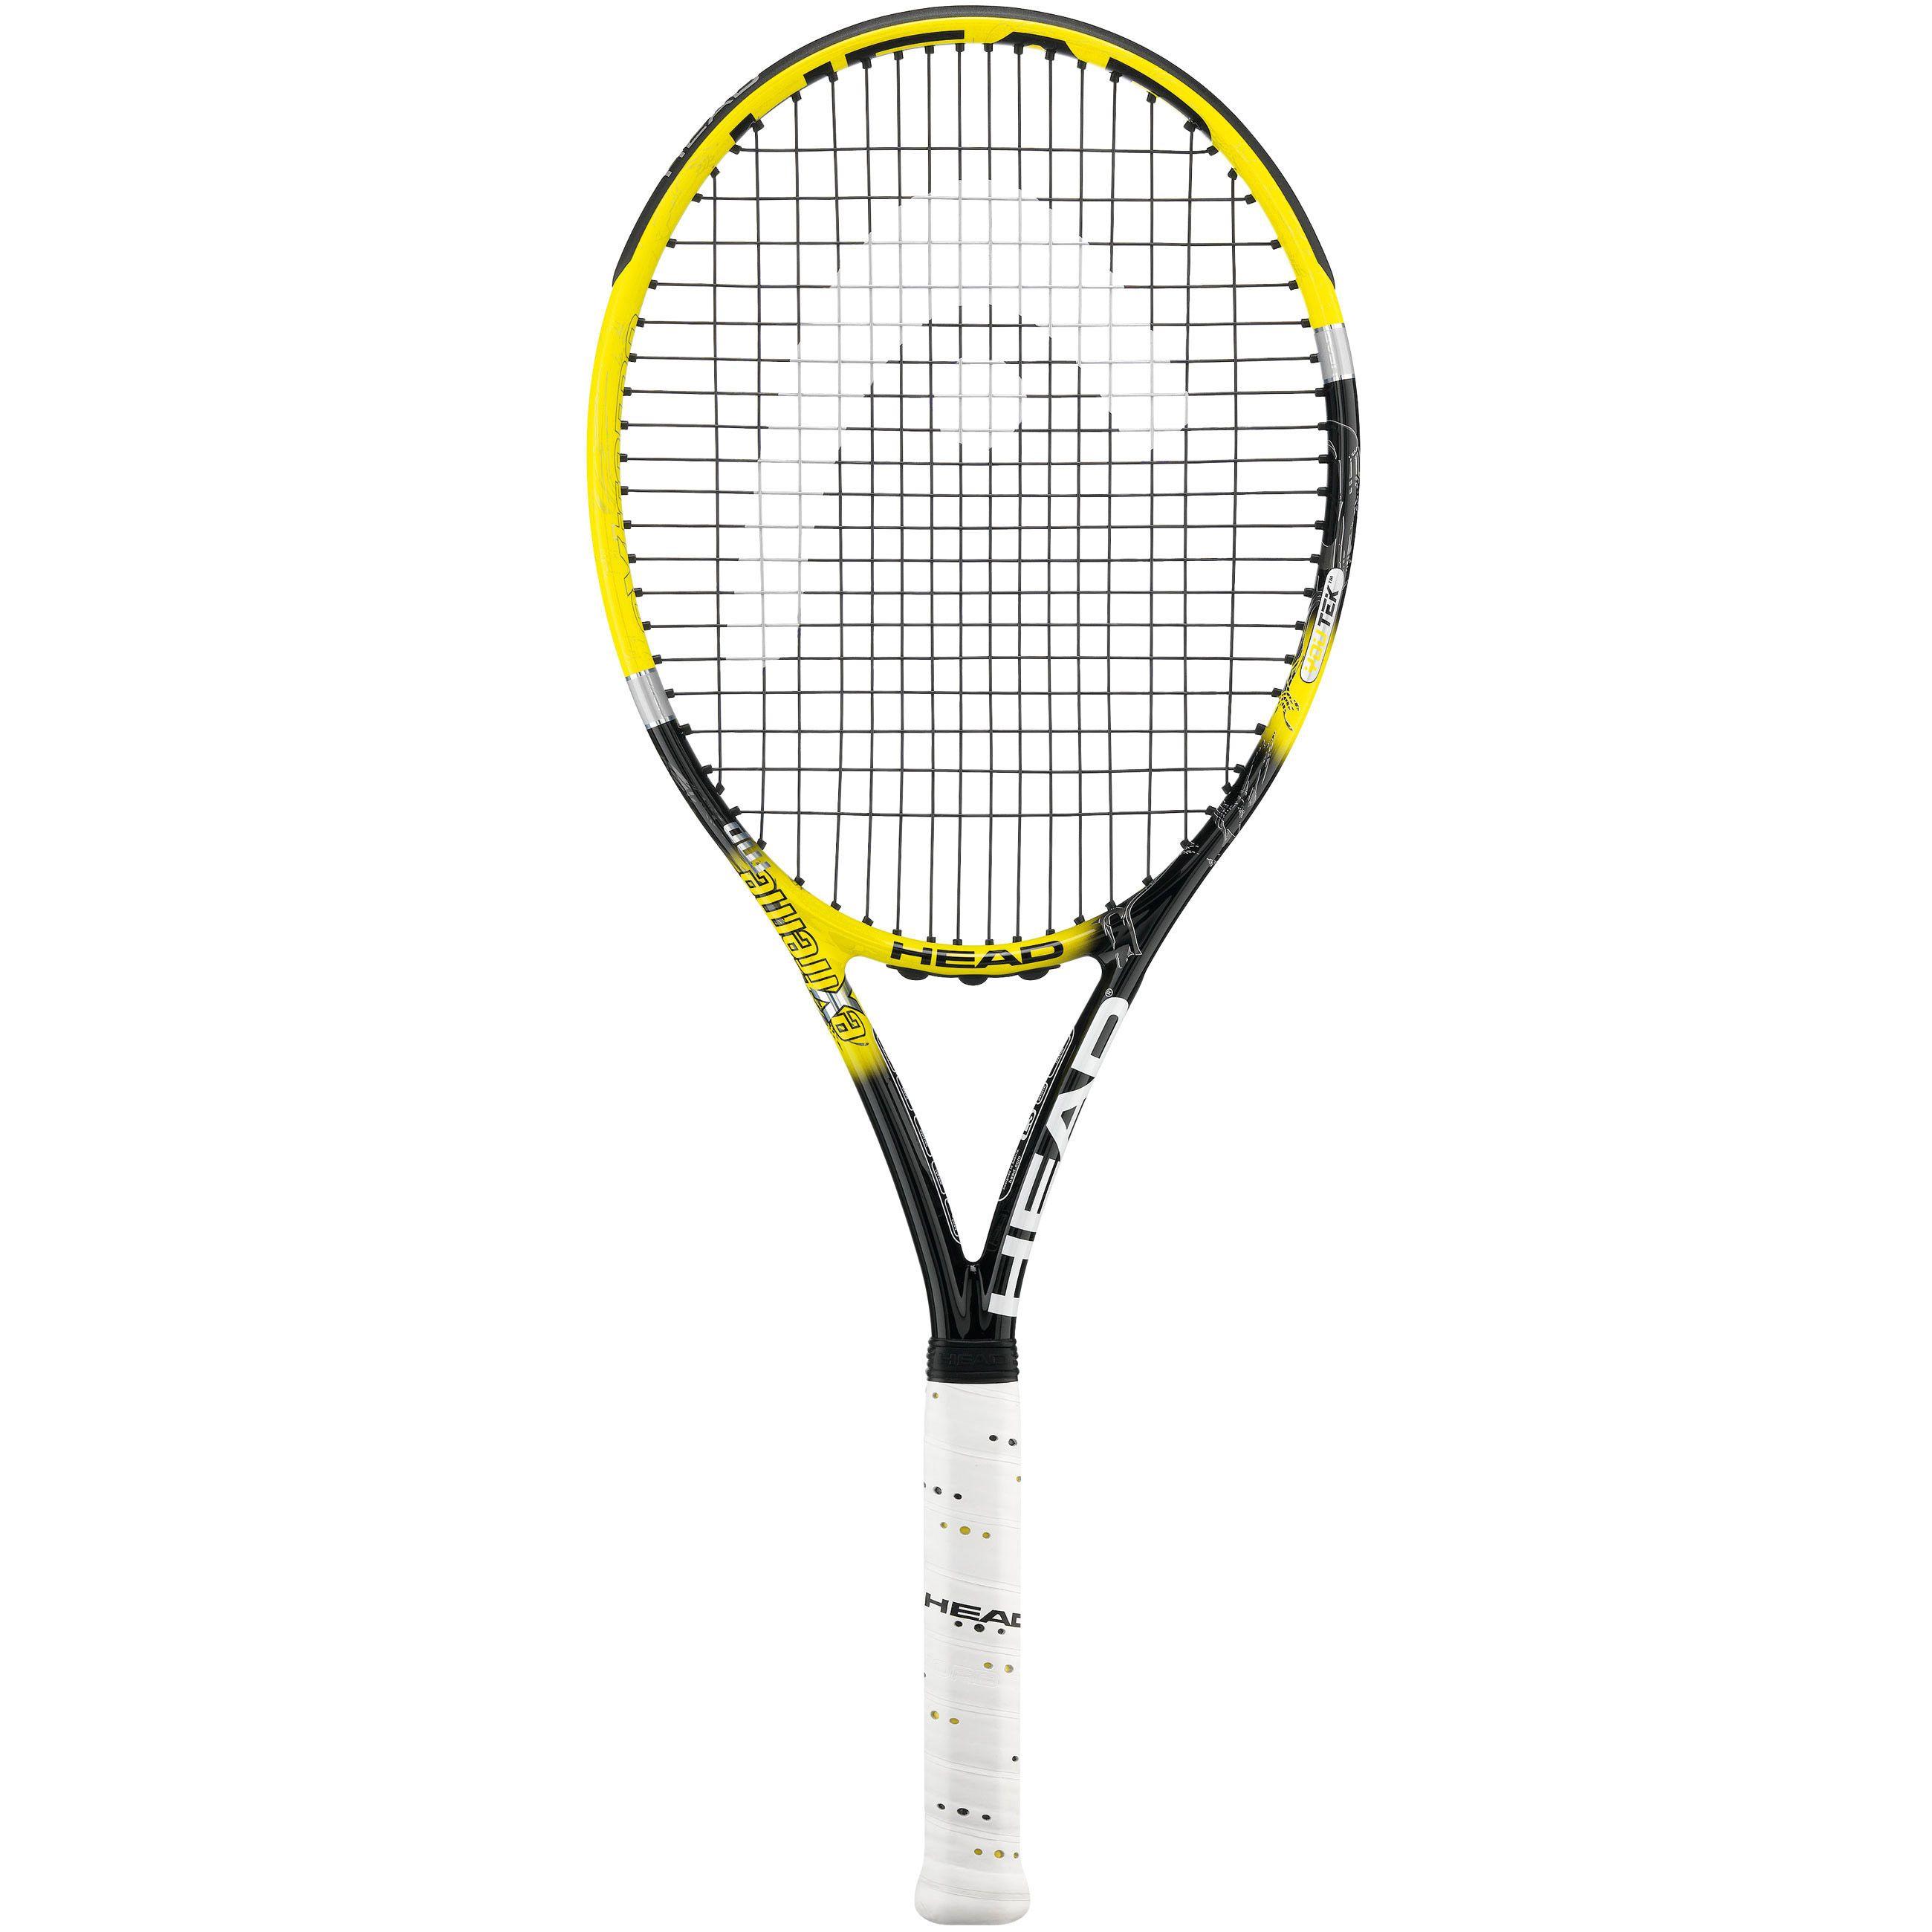 15-11-12: #Racchetta da #Tennis #HEAD Youtek IG Extreme MP (senza corde) 79€